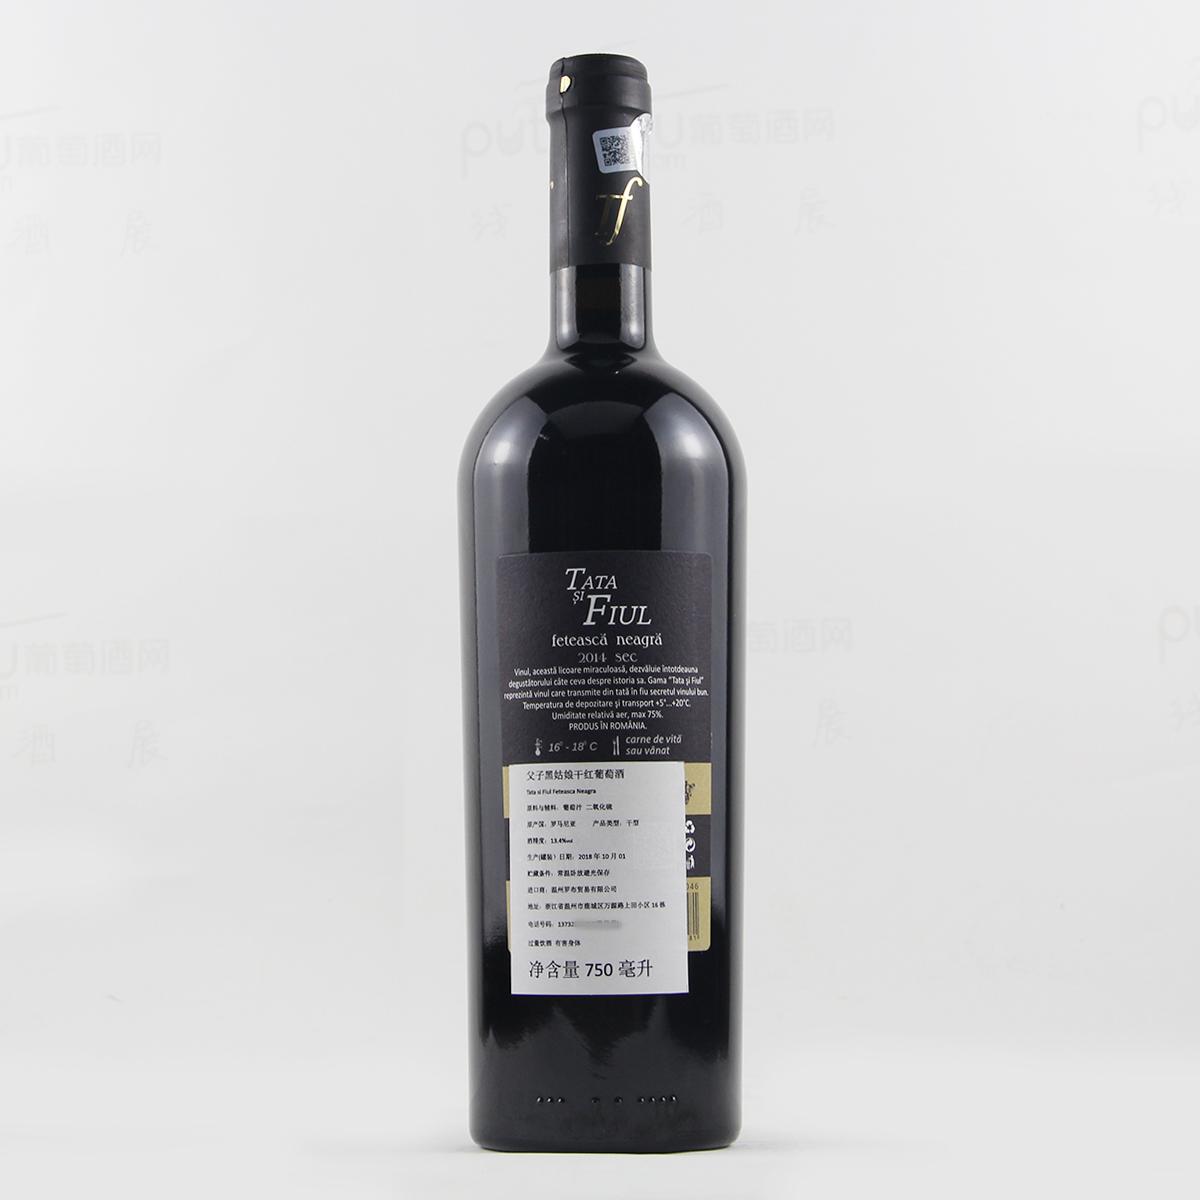 父子黑姑娘干红葡萄酒